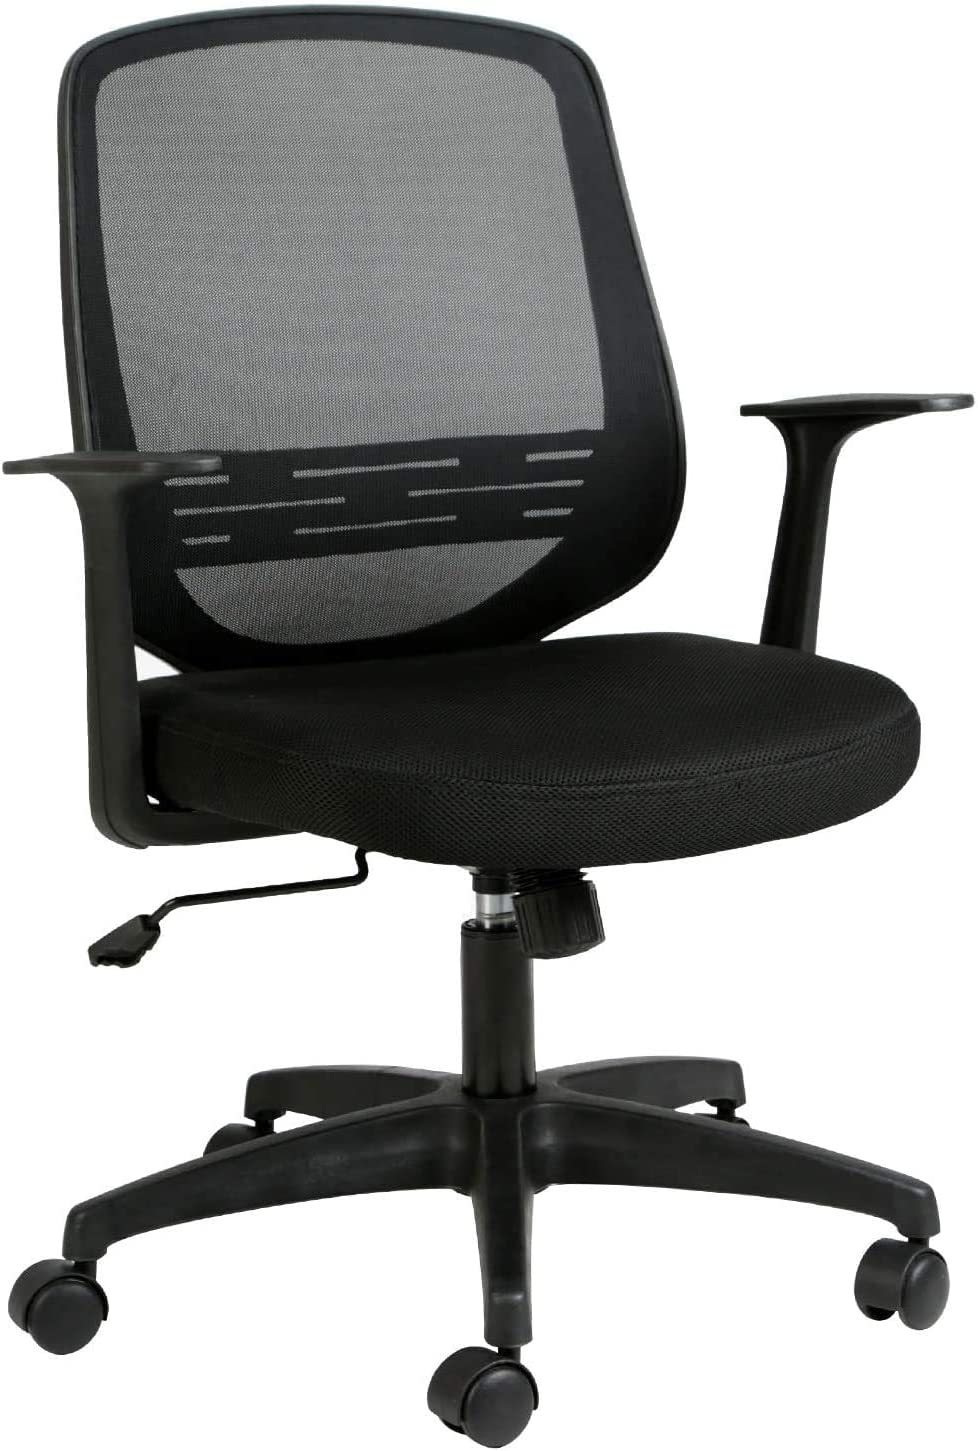 Hbada Bürostuhl Ergonomischer Schreibtischstuhl Drehstuhl Mesh Stuhl Arbeitsstuhl leicht Stuhl mit Anhebbare Lordosenstütze Schwarz